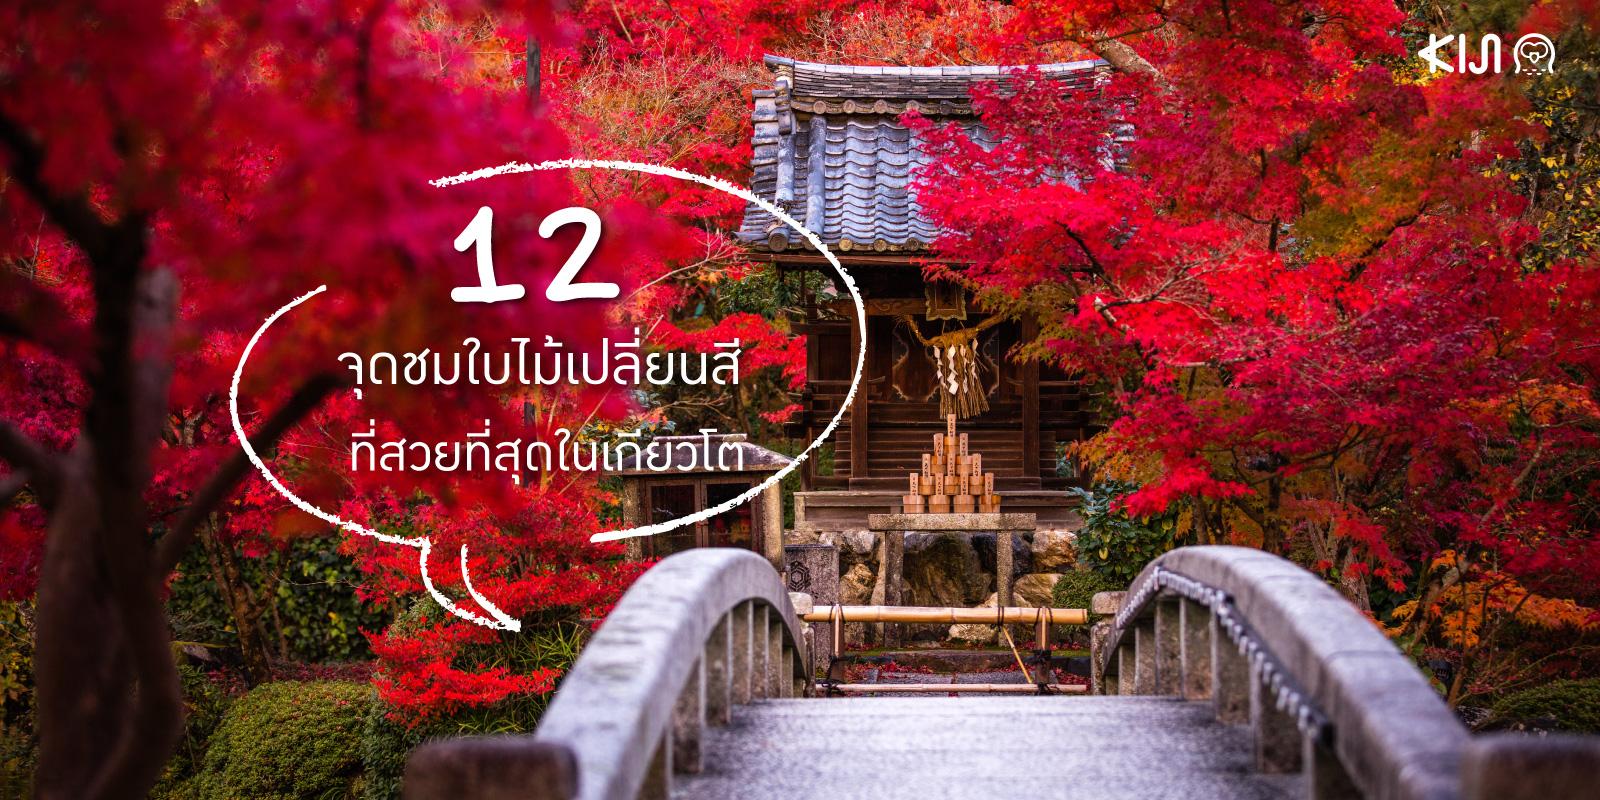 12 จุดชมใบไม้เปลี่ยนสี ใน เกียวโต